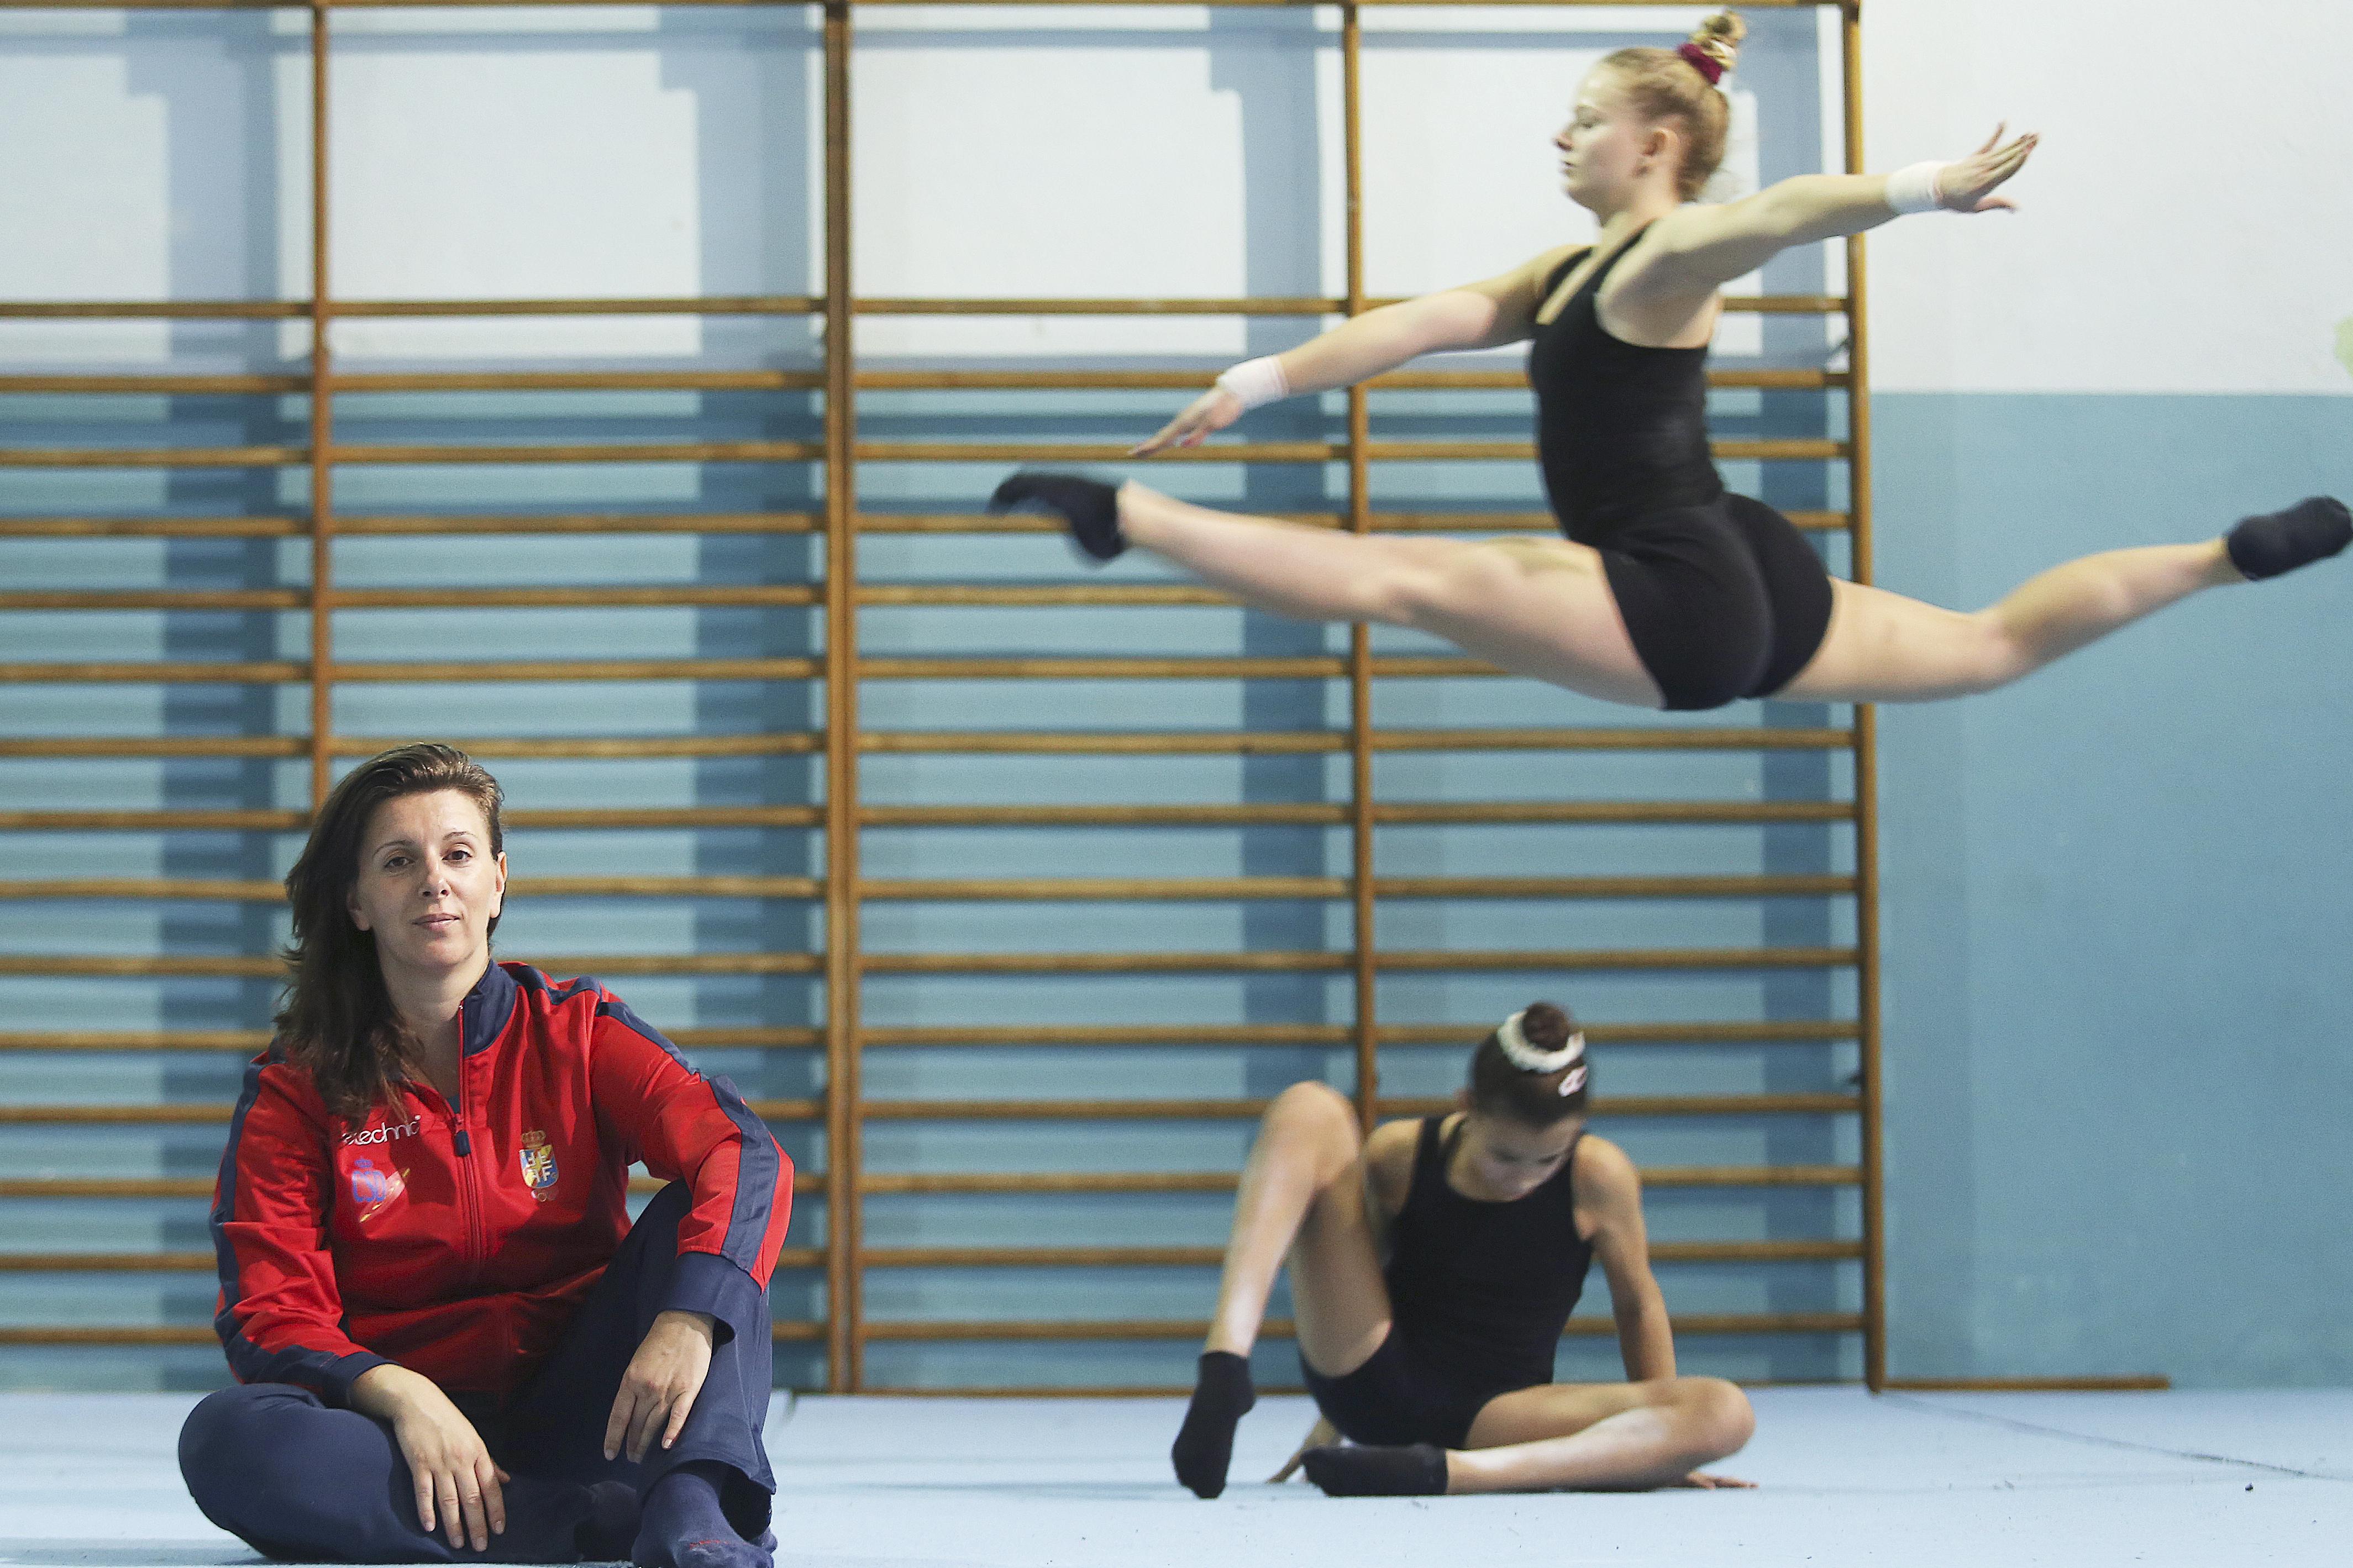 gimnasia acrobatica 5 - copia